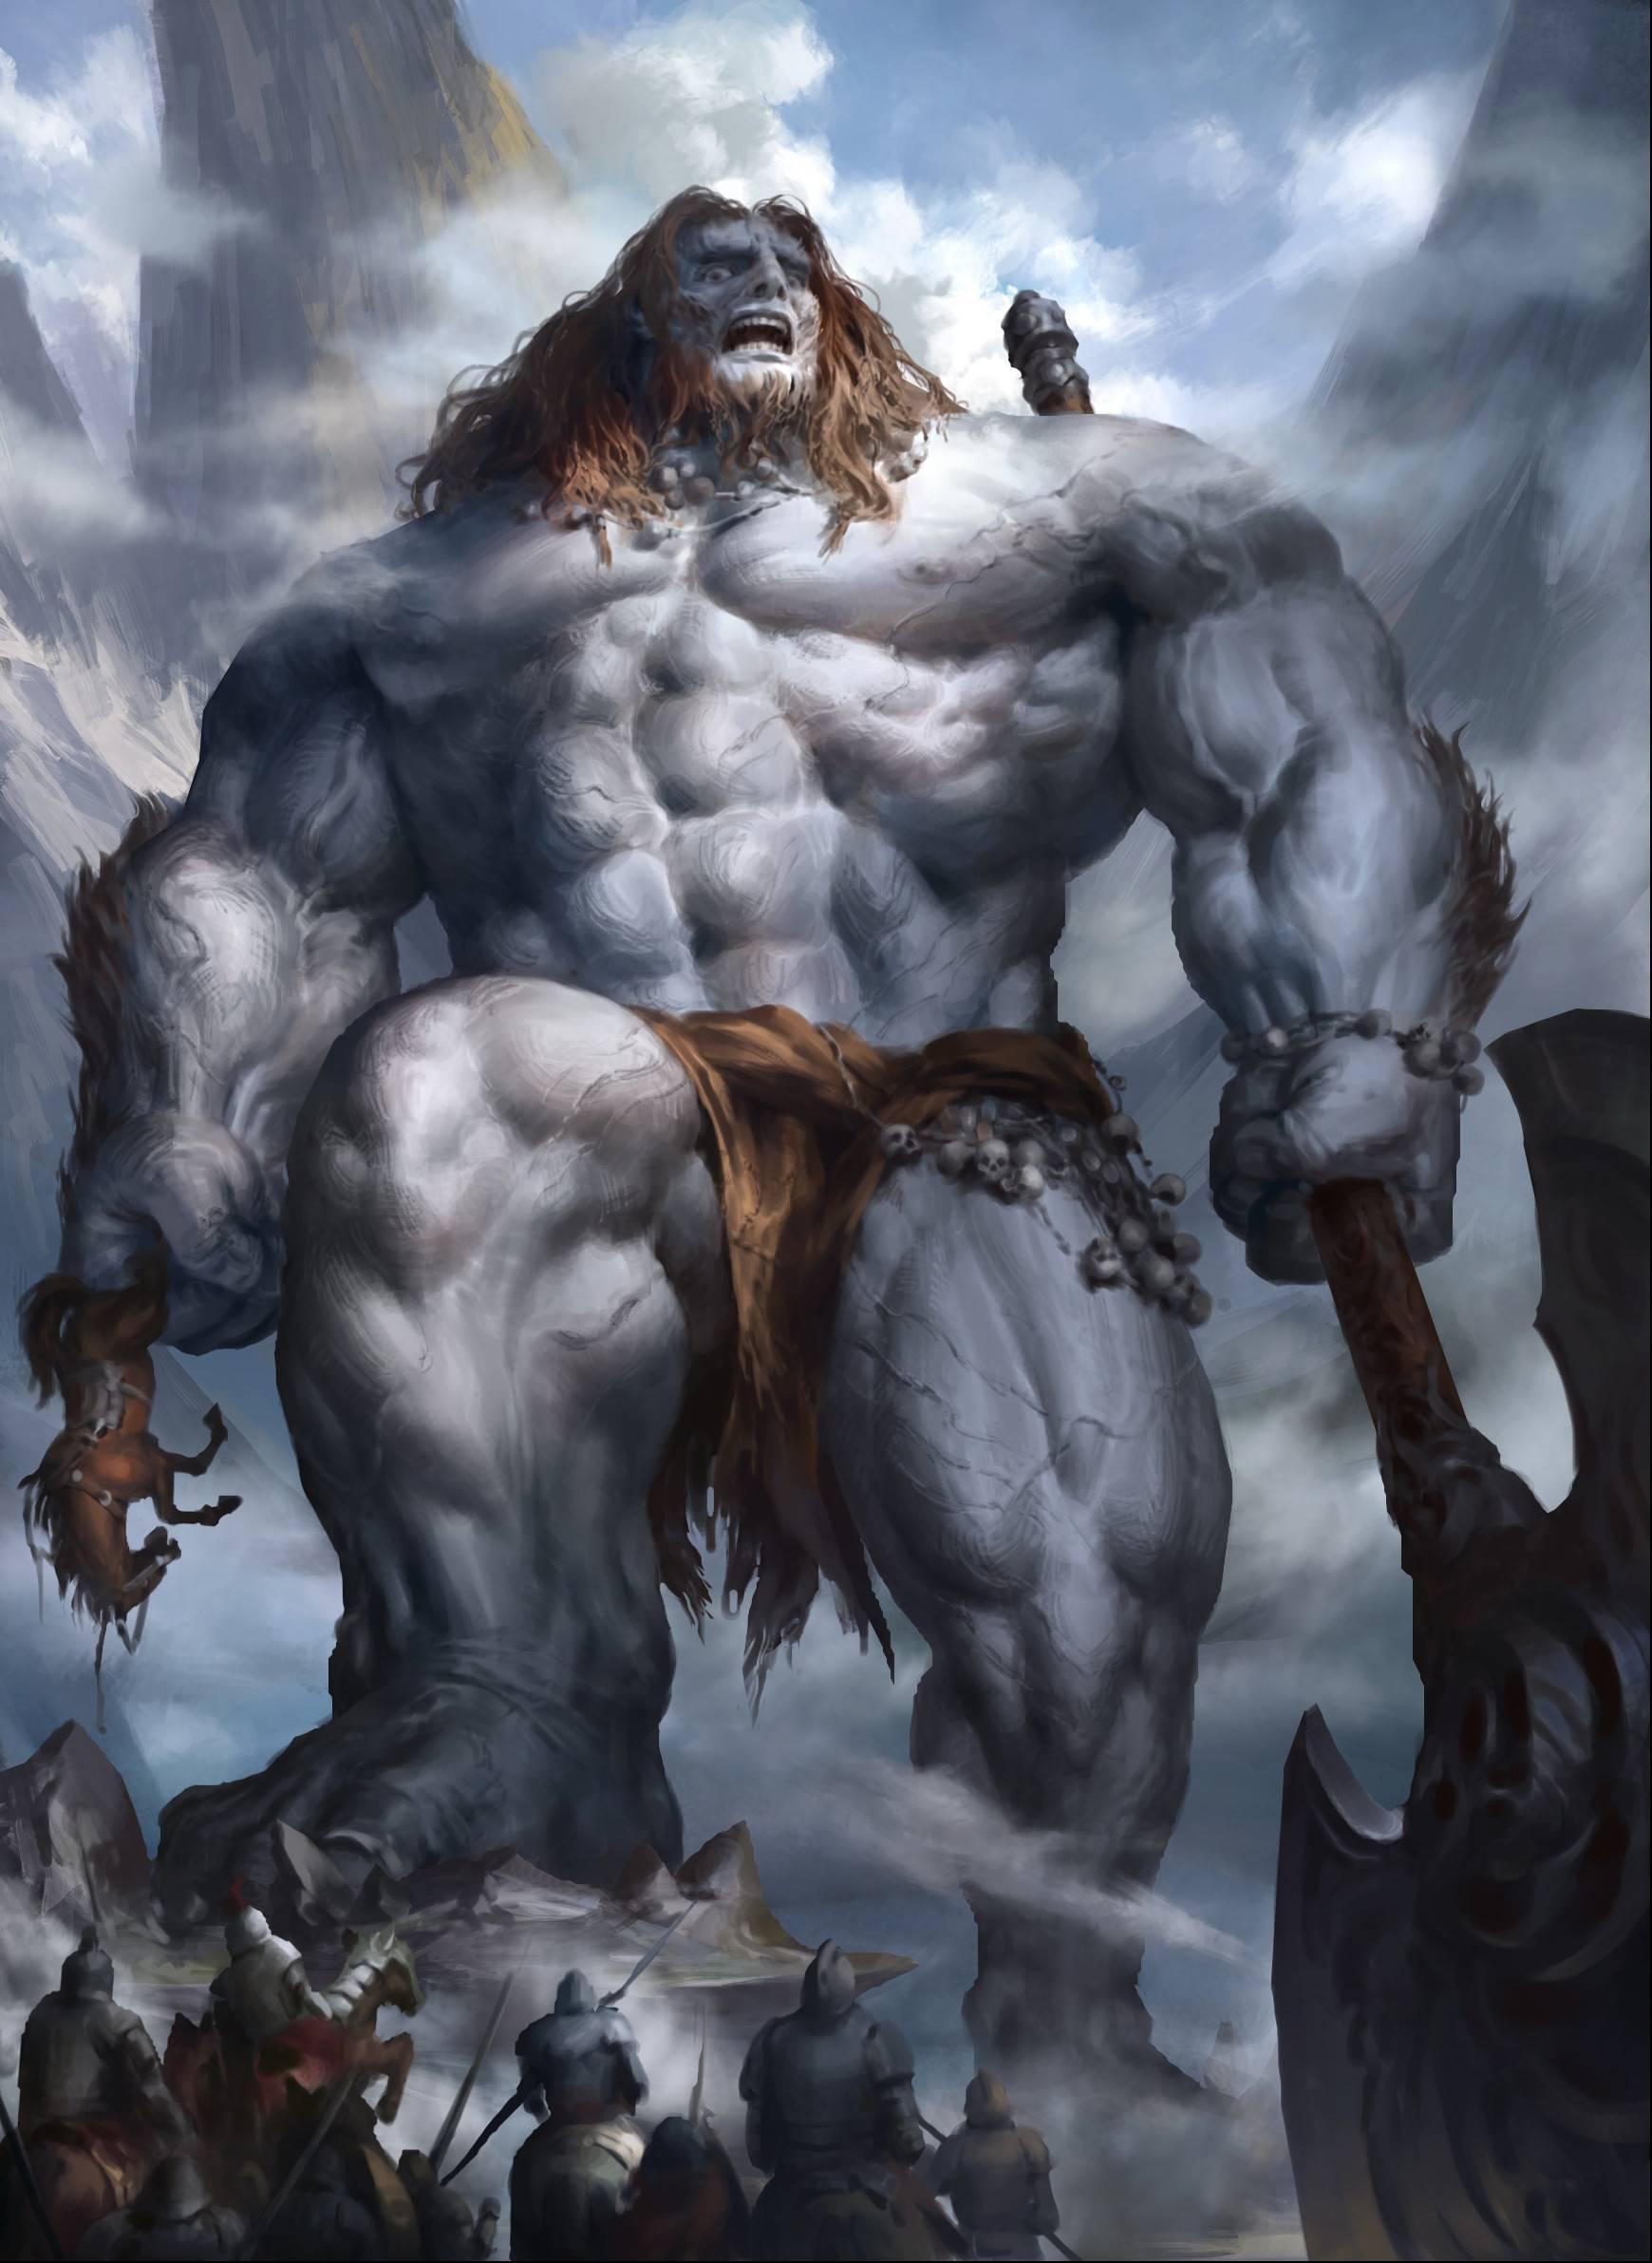 Мифы и легенды о великанах восходят к каждой культуре в каждом уголке мира | история